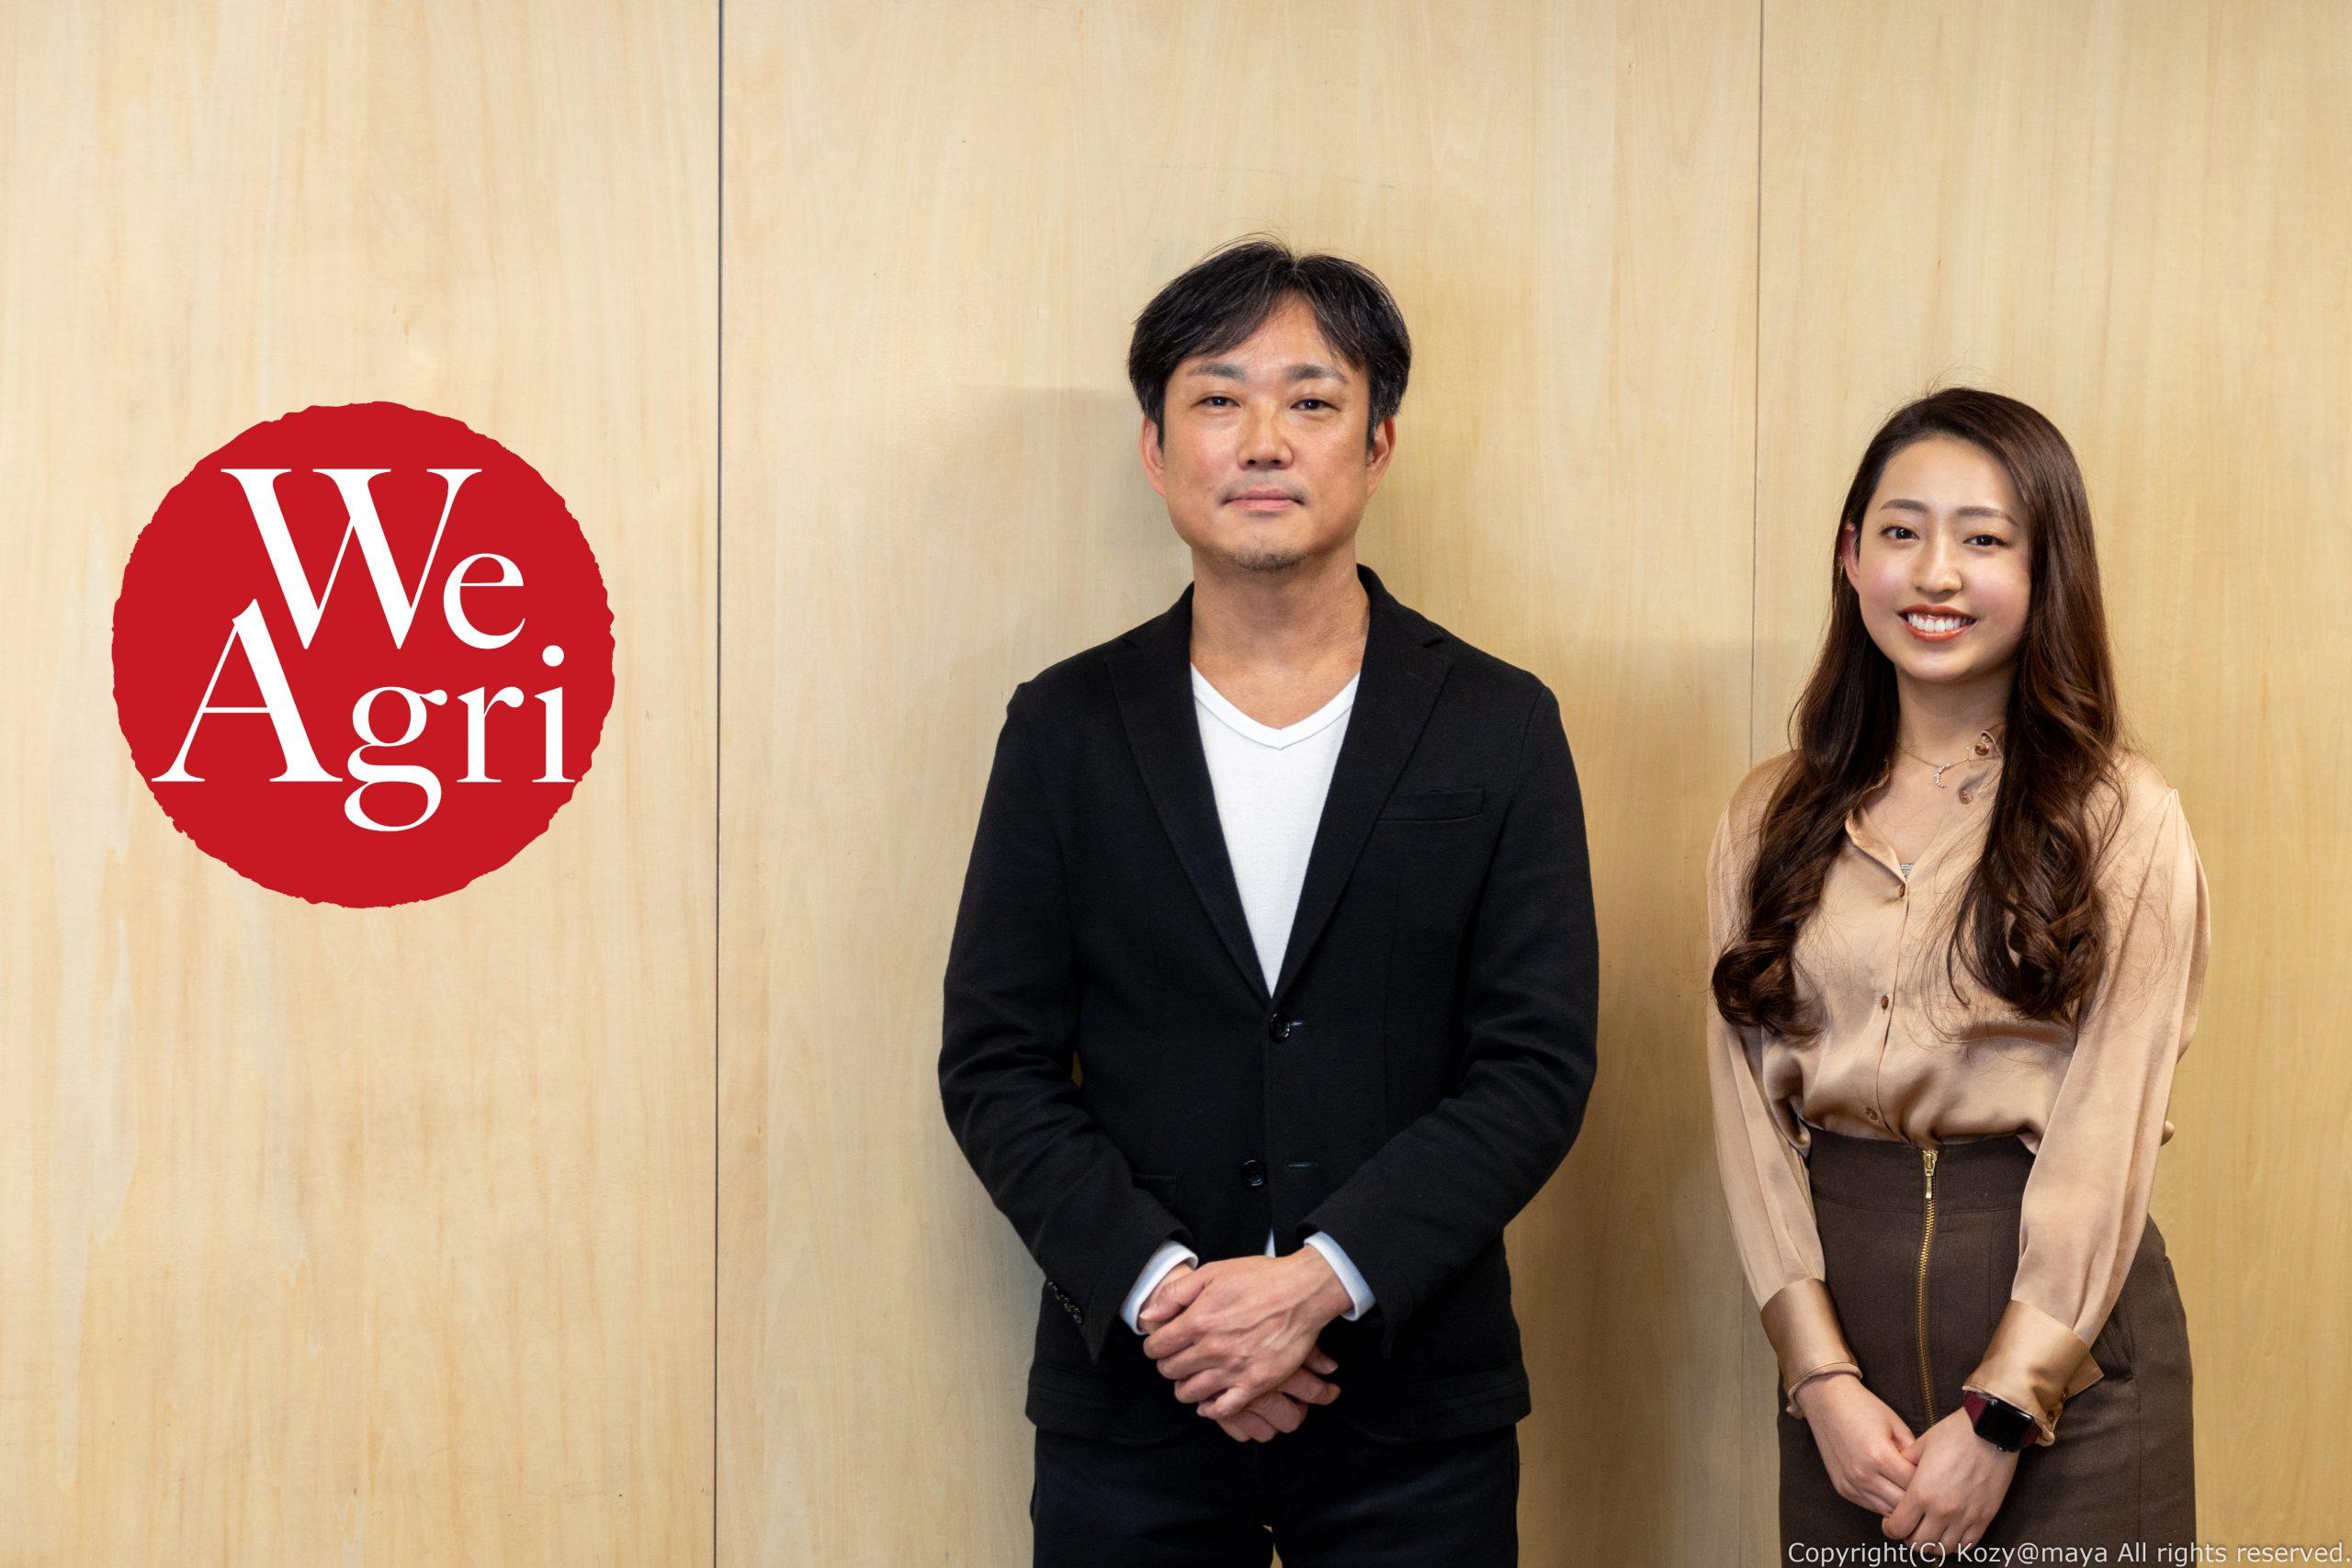 【お客さまインタビュー】 株式会社We Agri様